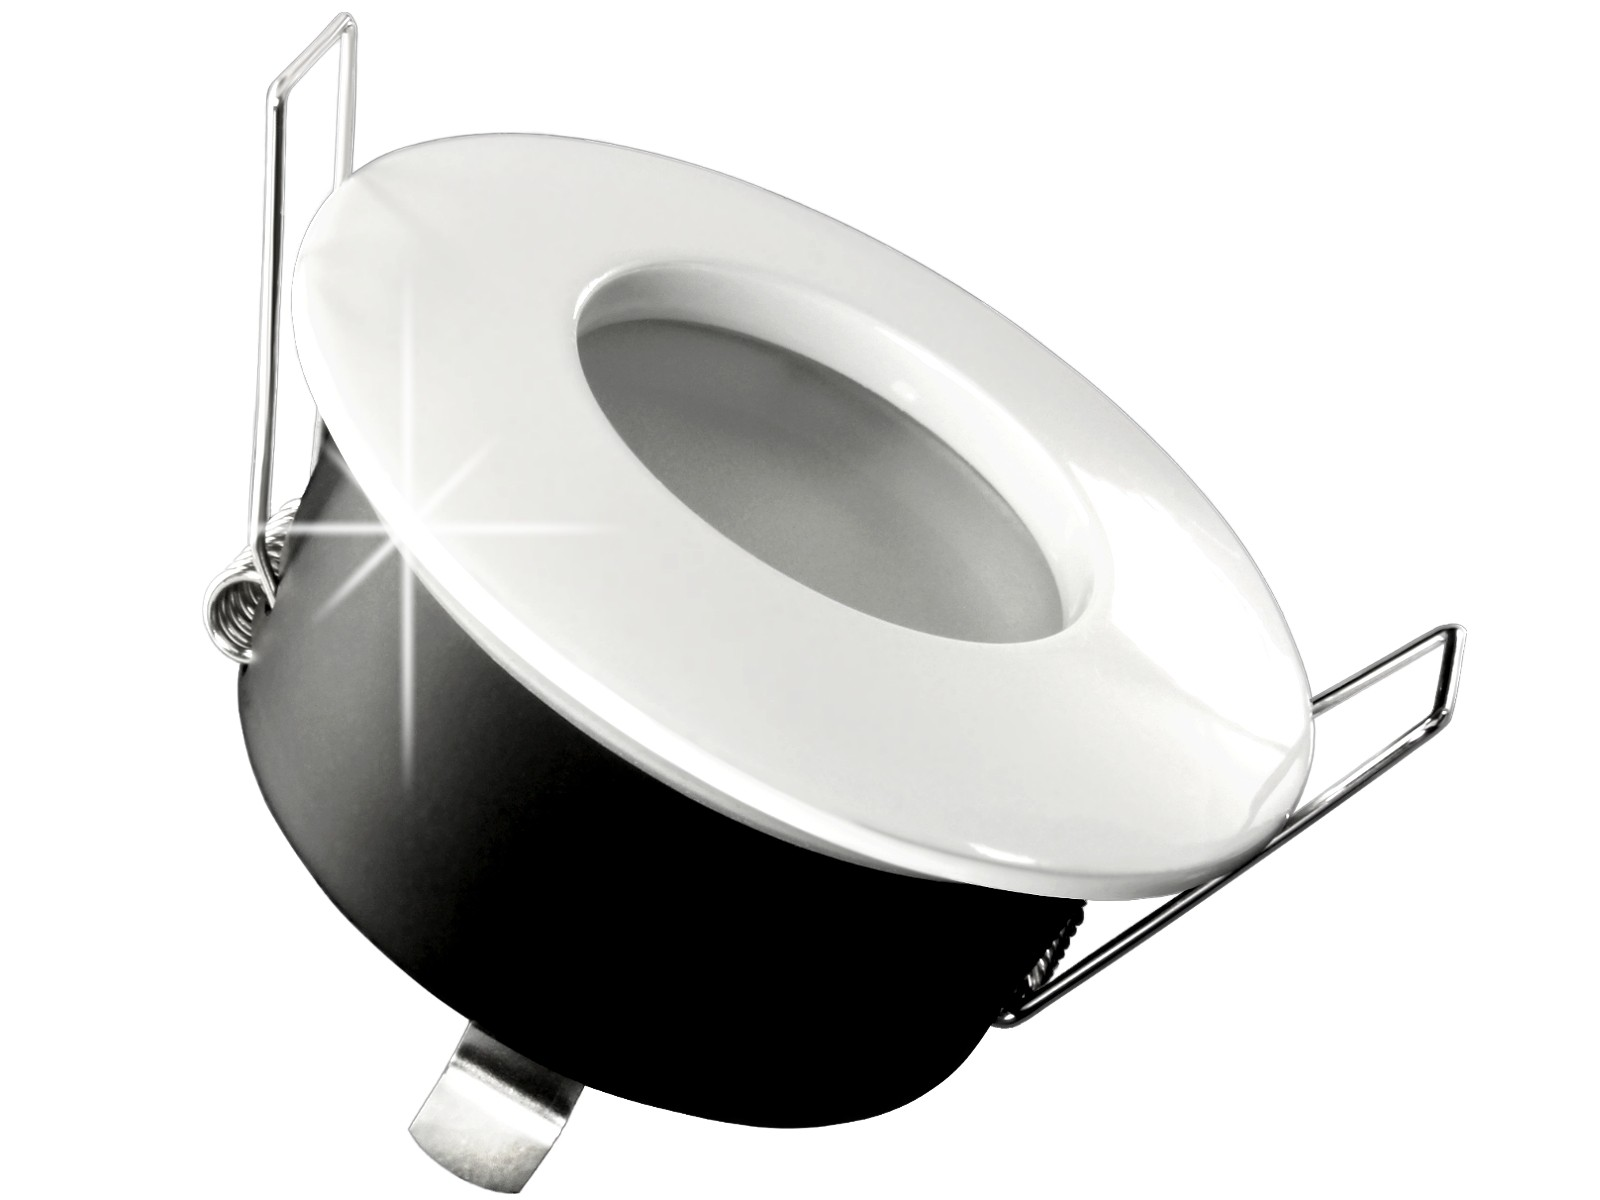 rw 1 led einbaustrahler weiss feuchtraum aussenbereich. Black Bedroom Furniture Sets. Home Design Ideas